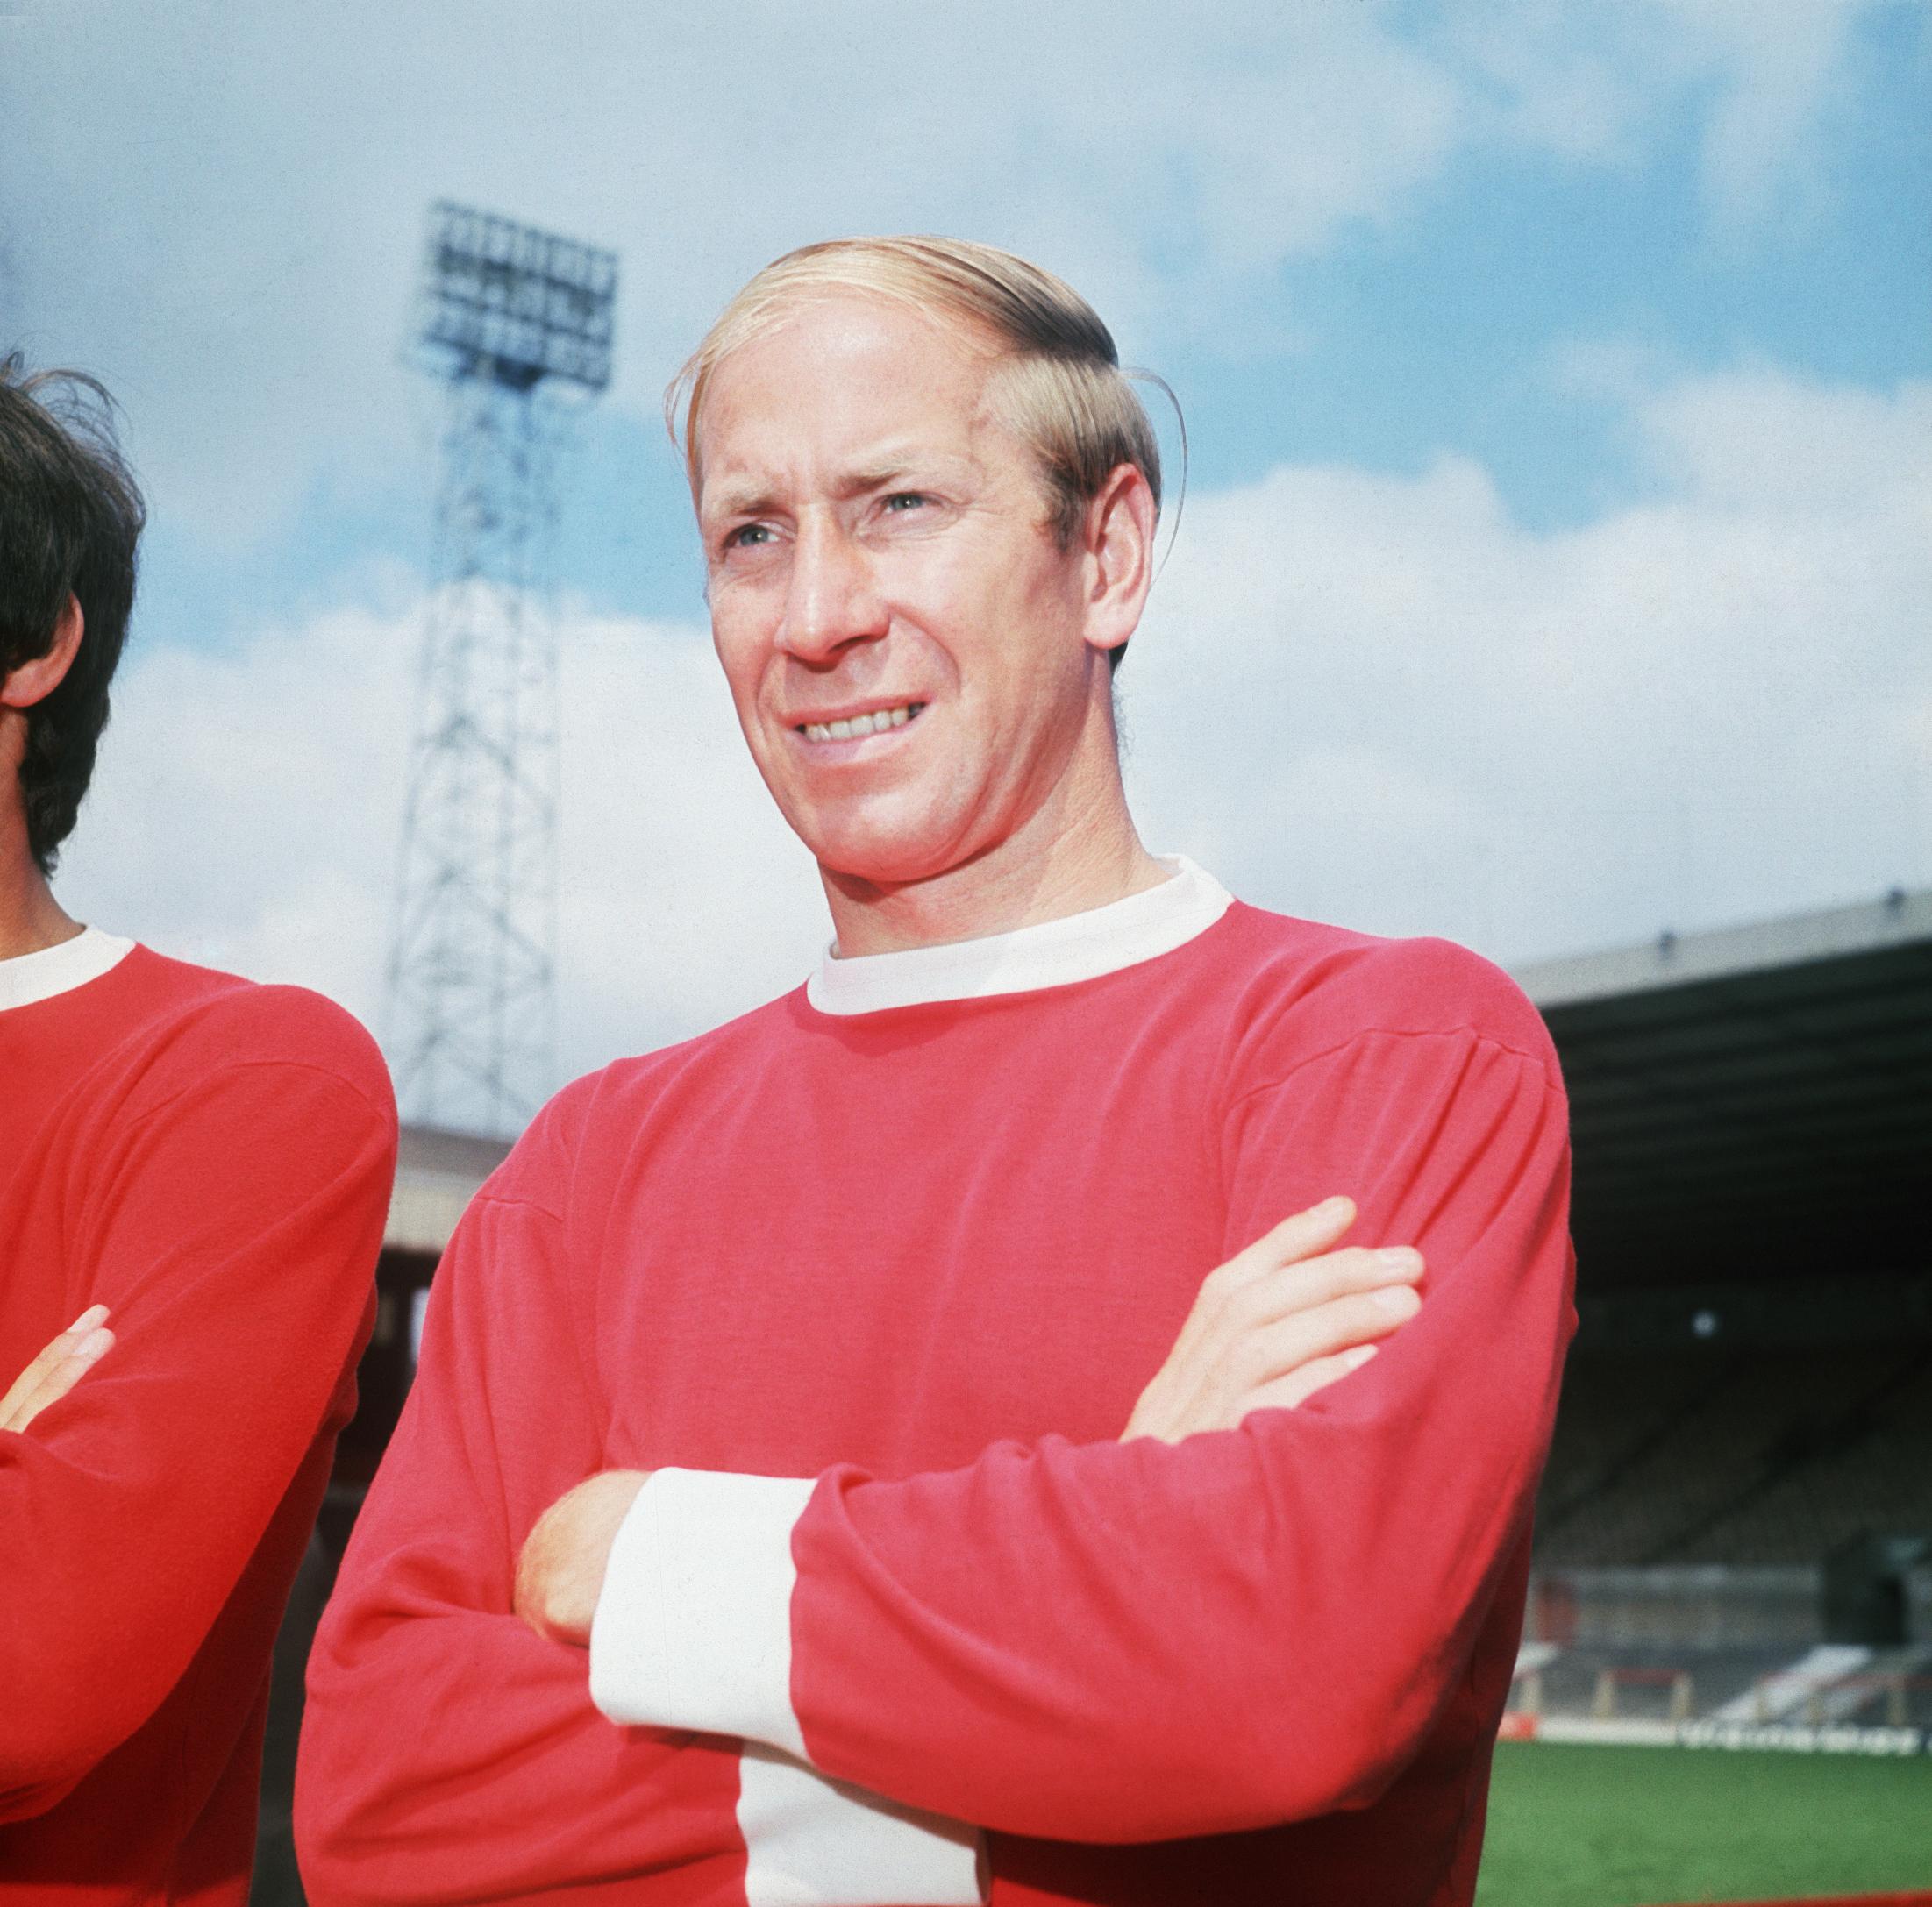 Manchester United Soccer Player Bobby Charlton